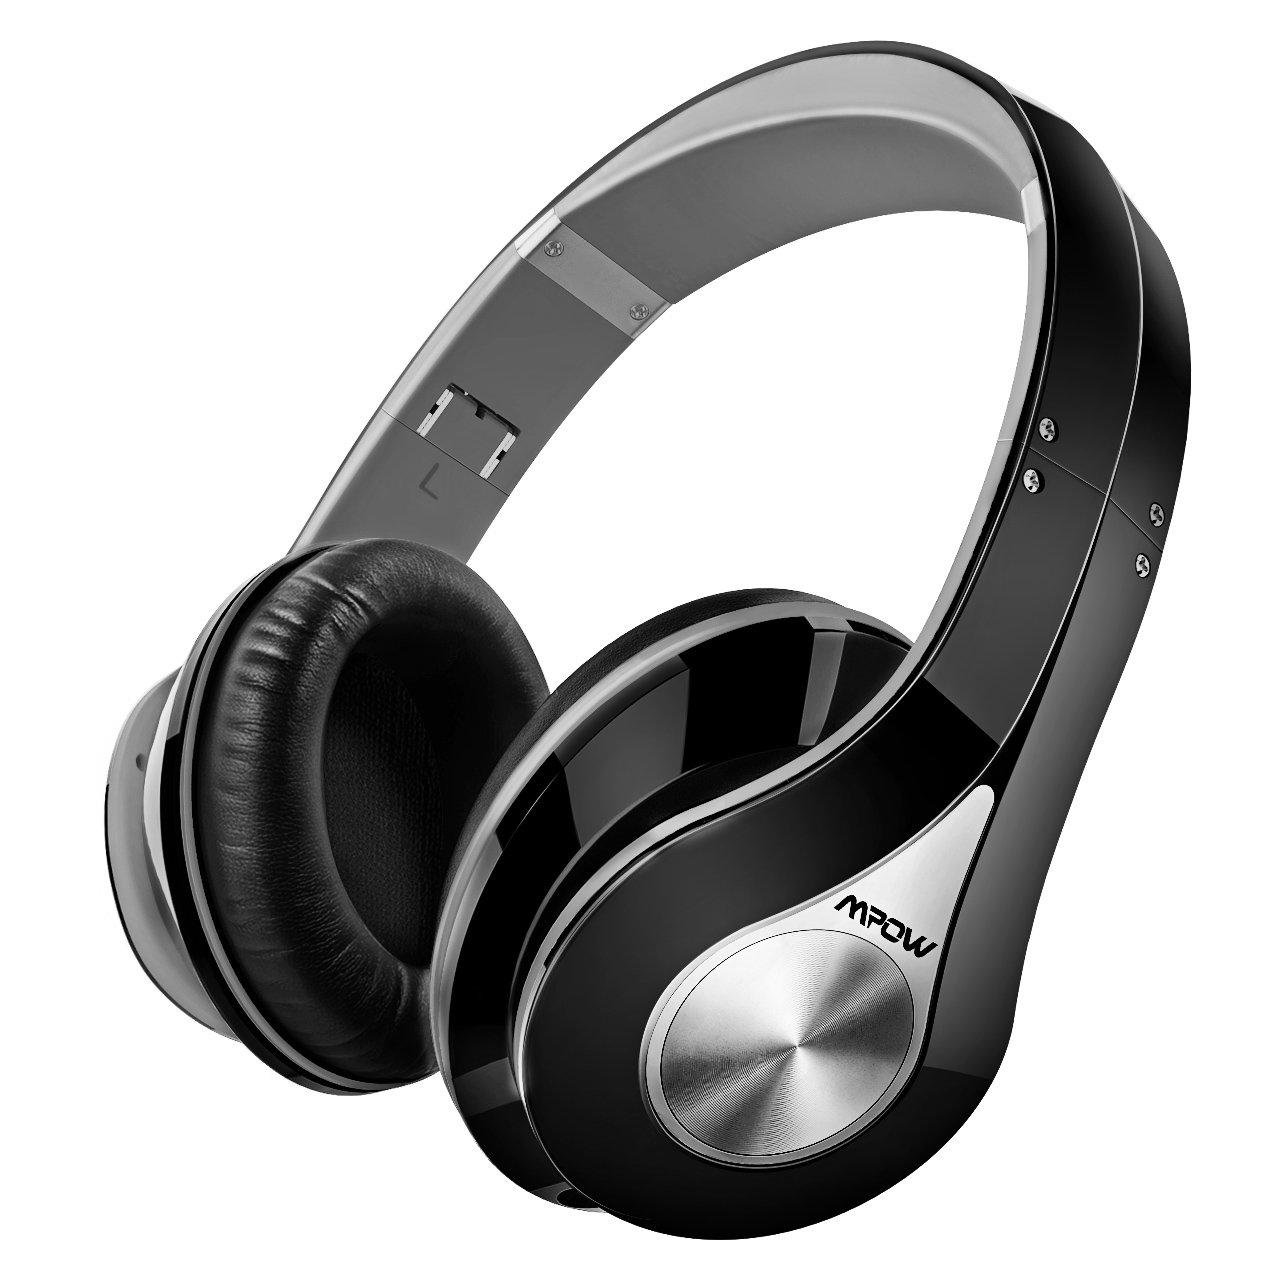 Mpow 059 Auriculares Diadema, Cascos Bluetooth Inalambricos Plegable con Micrófono, 20 hrs Reproducción de